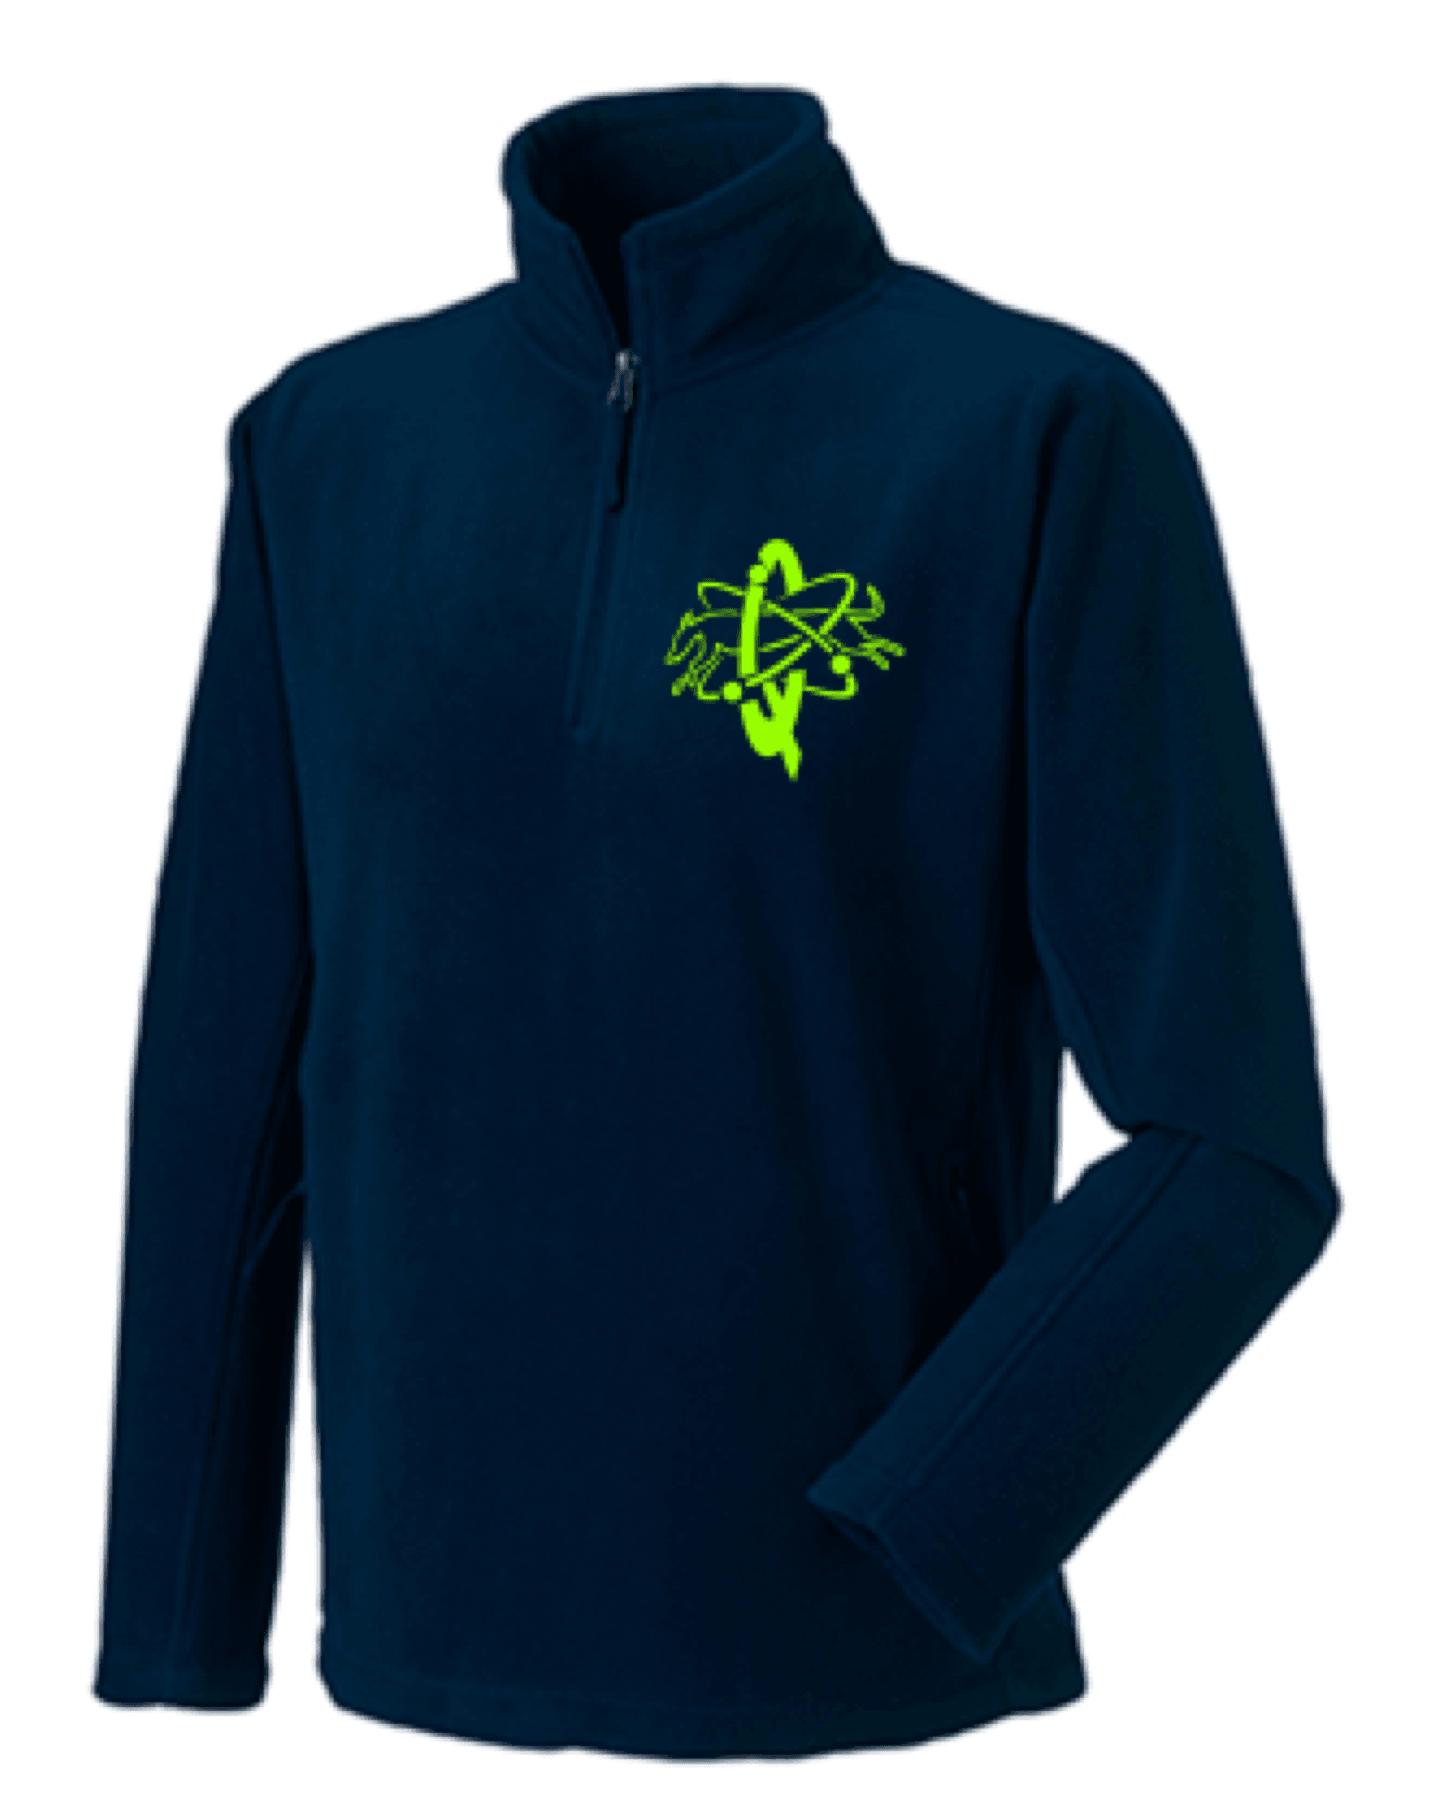 Quantum Leap Flyball – 1/4 Zip Fleece